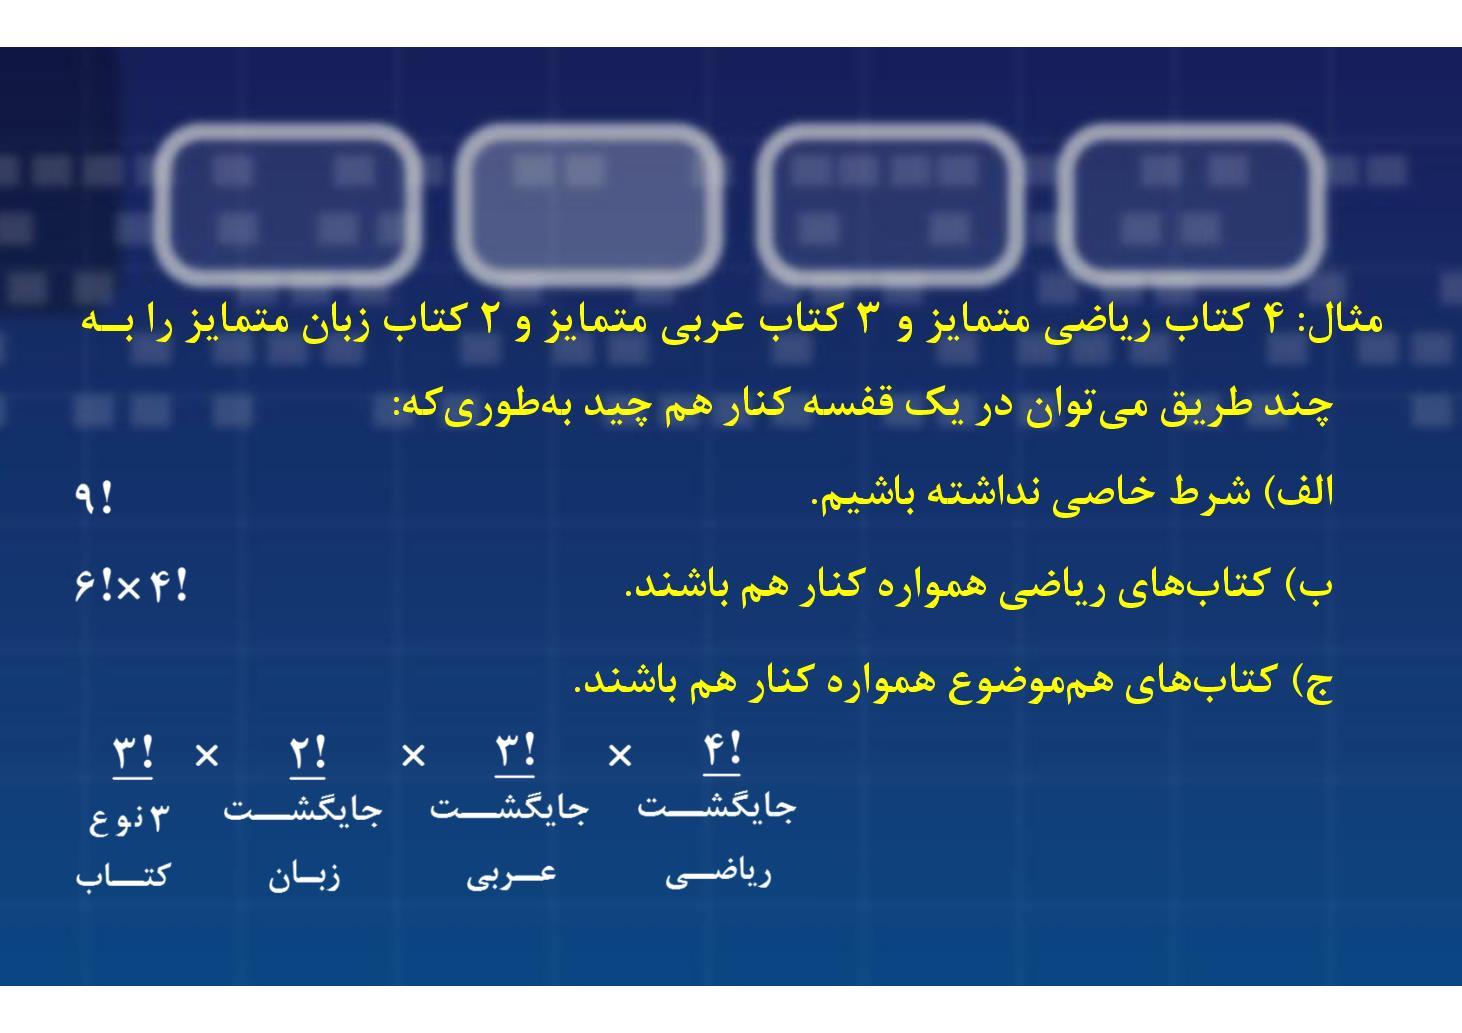 ریاضی سوم- فصل ٣- جایگشت متمایز- بخش ٢ (PDF)